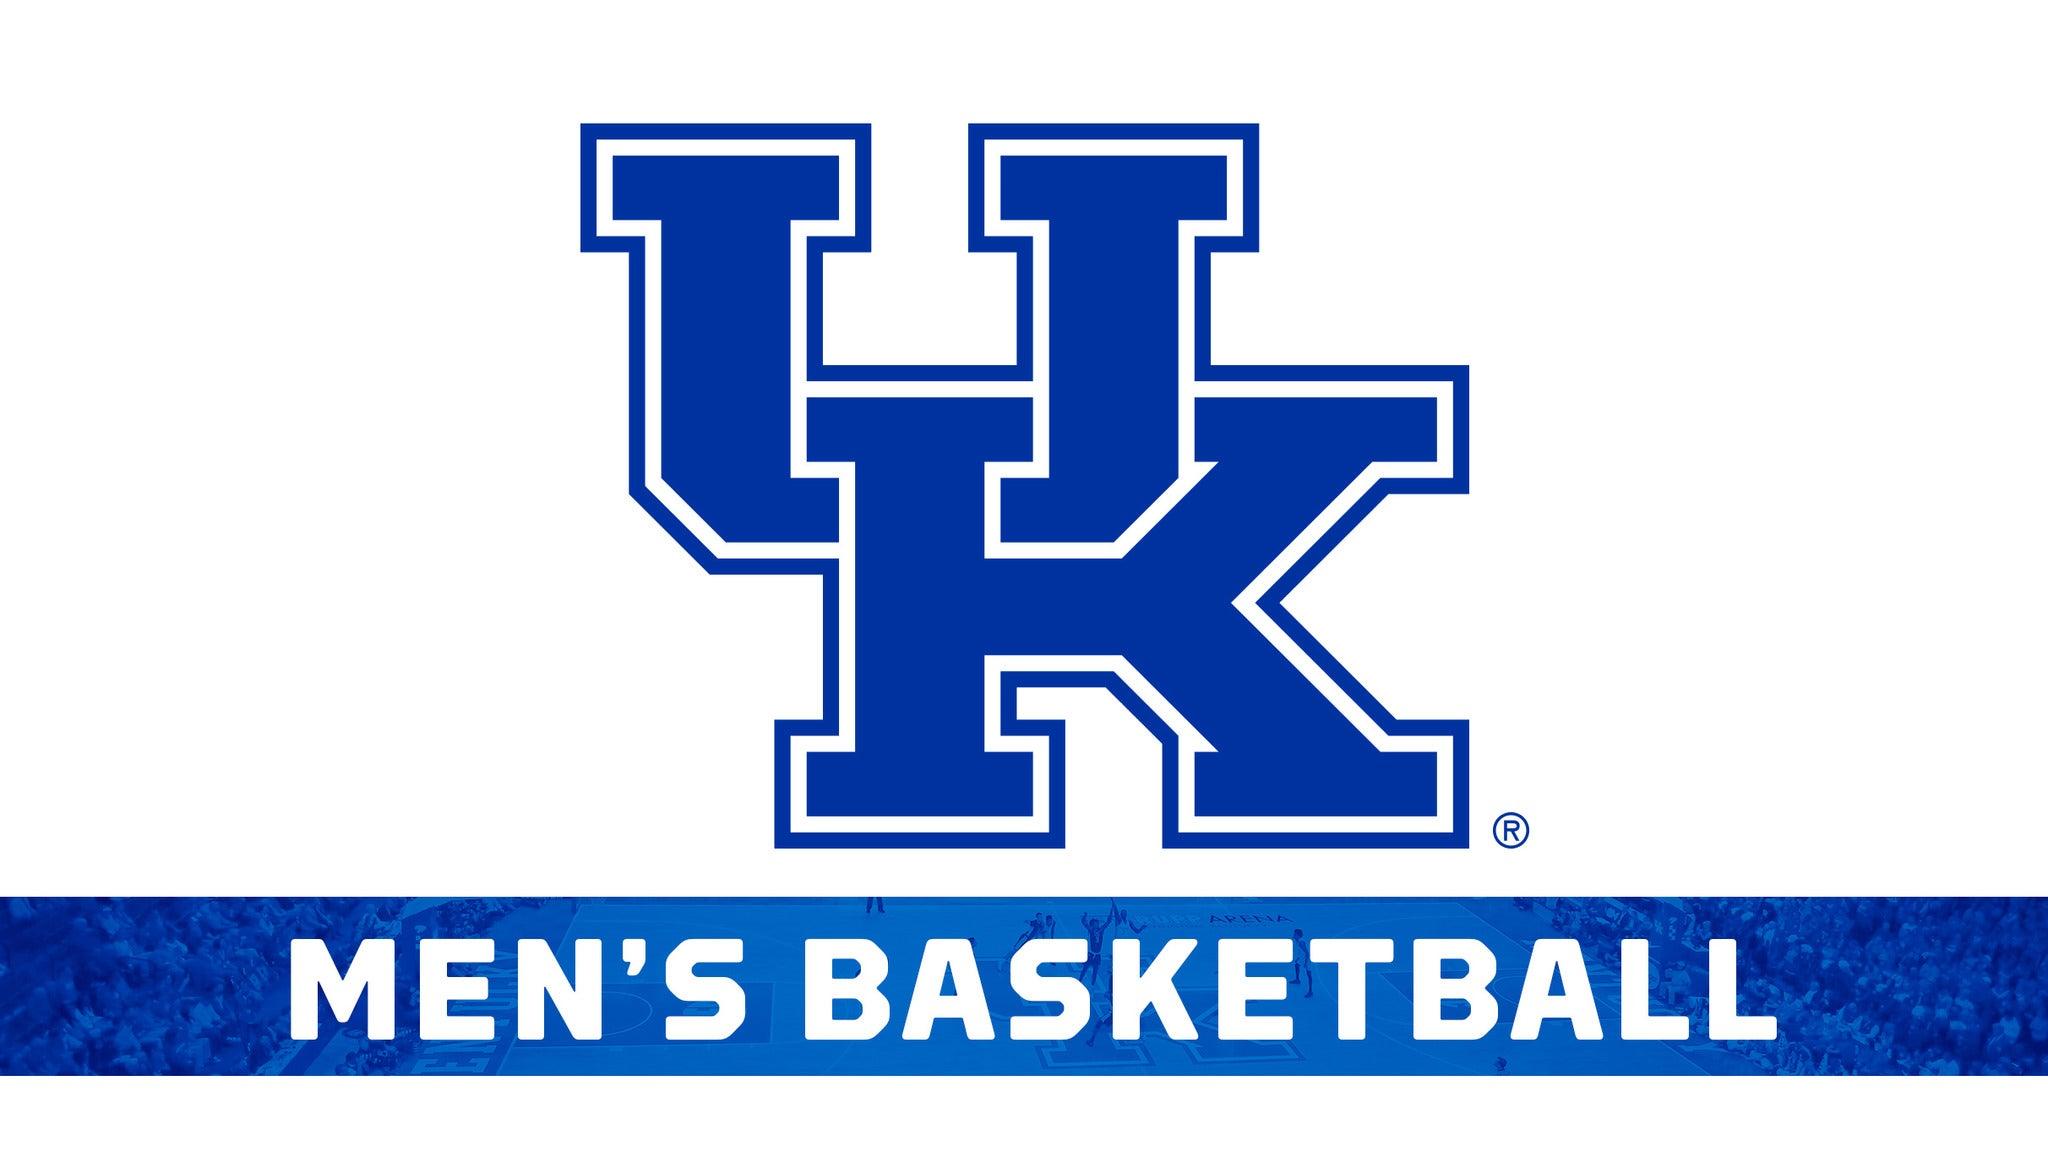 Kentucky Wildcats Mens Basketball vs. Mississippi State University Bulldogs Men's Basketball